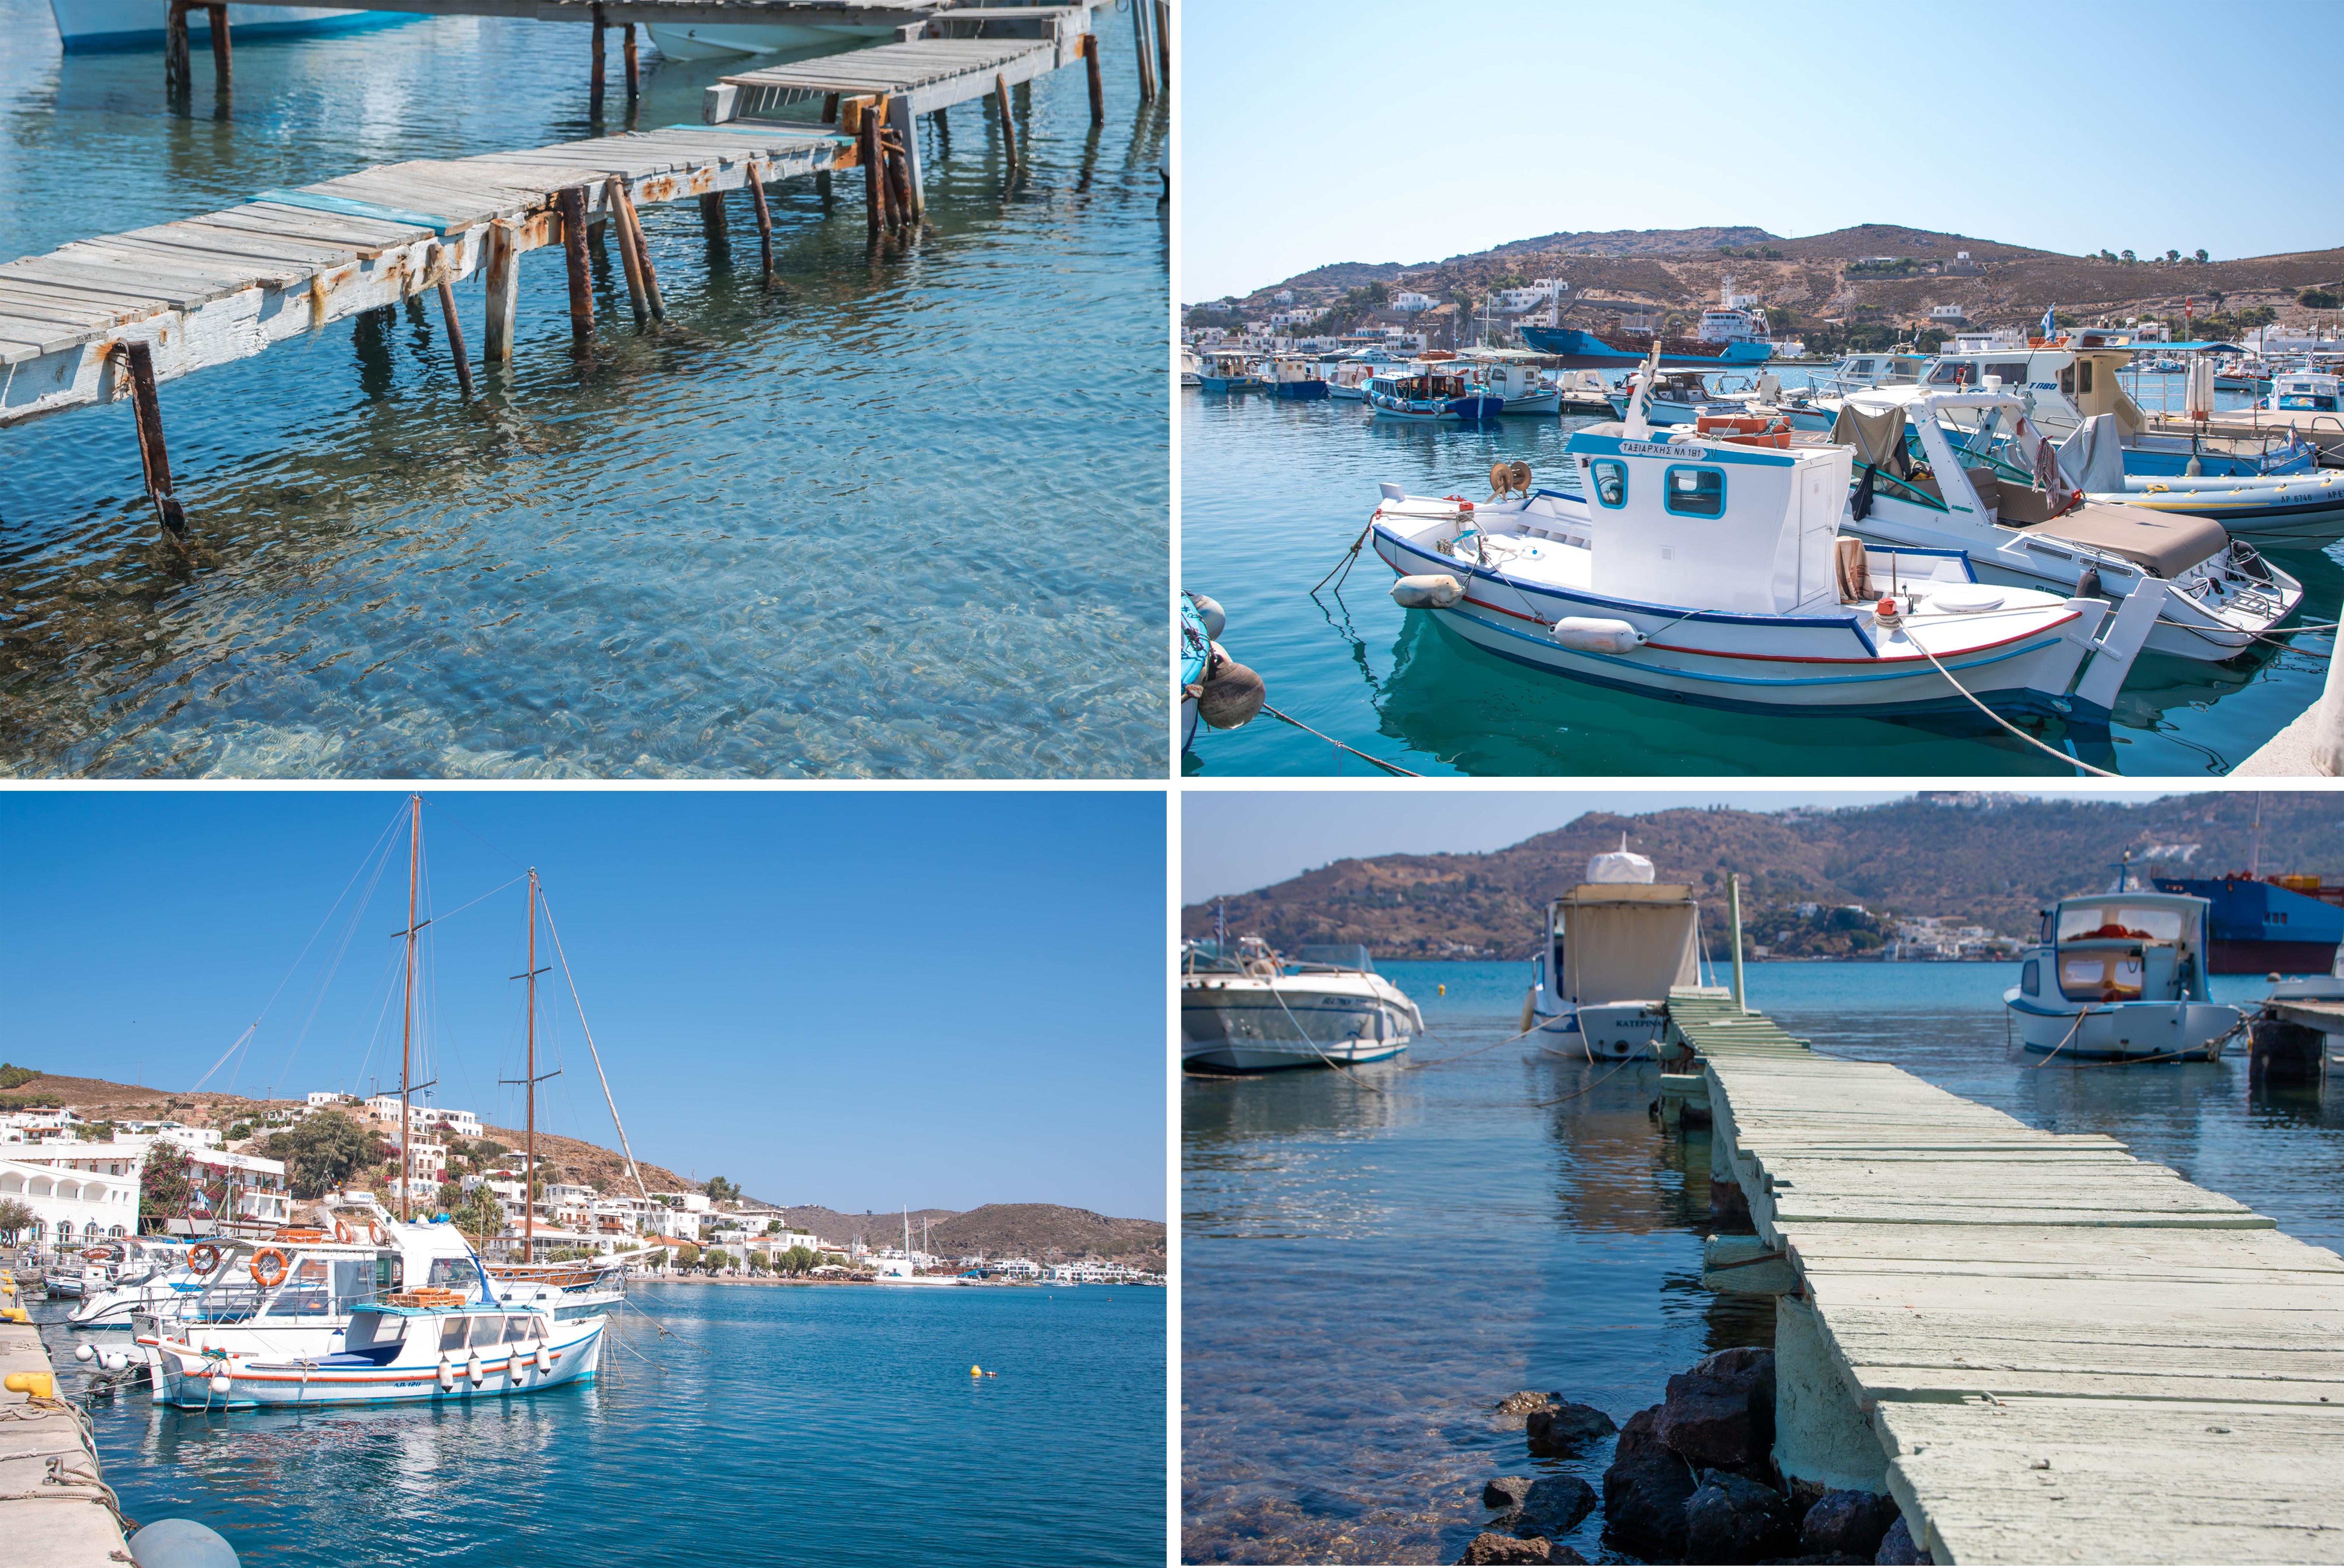 Patmos Hafen Boote und Stege wunderschöne Stimmung am Meer